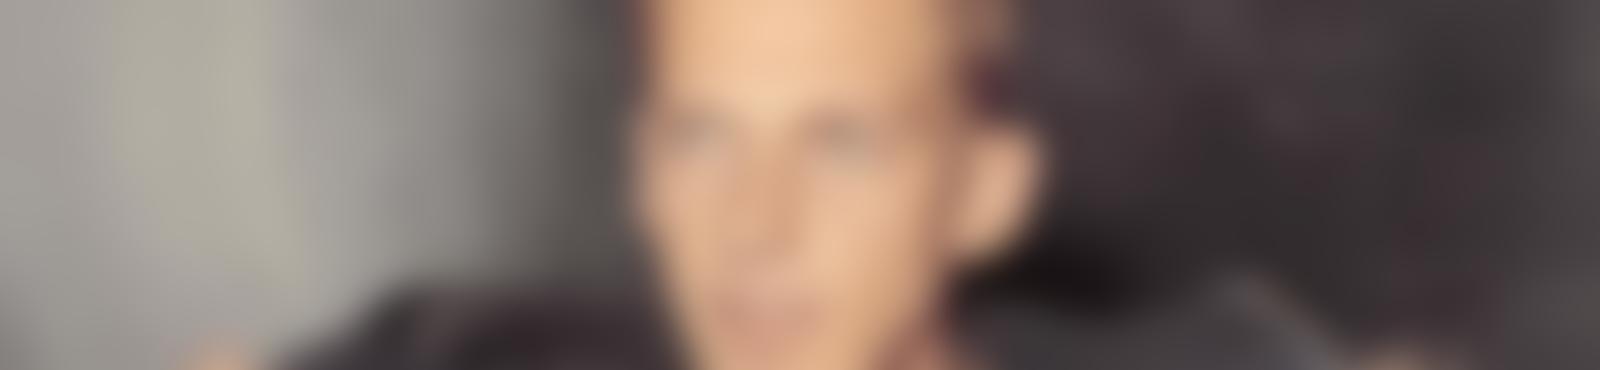 Blurred 3b90302d e185 4f3e b629 eaa786b1204c